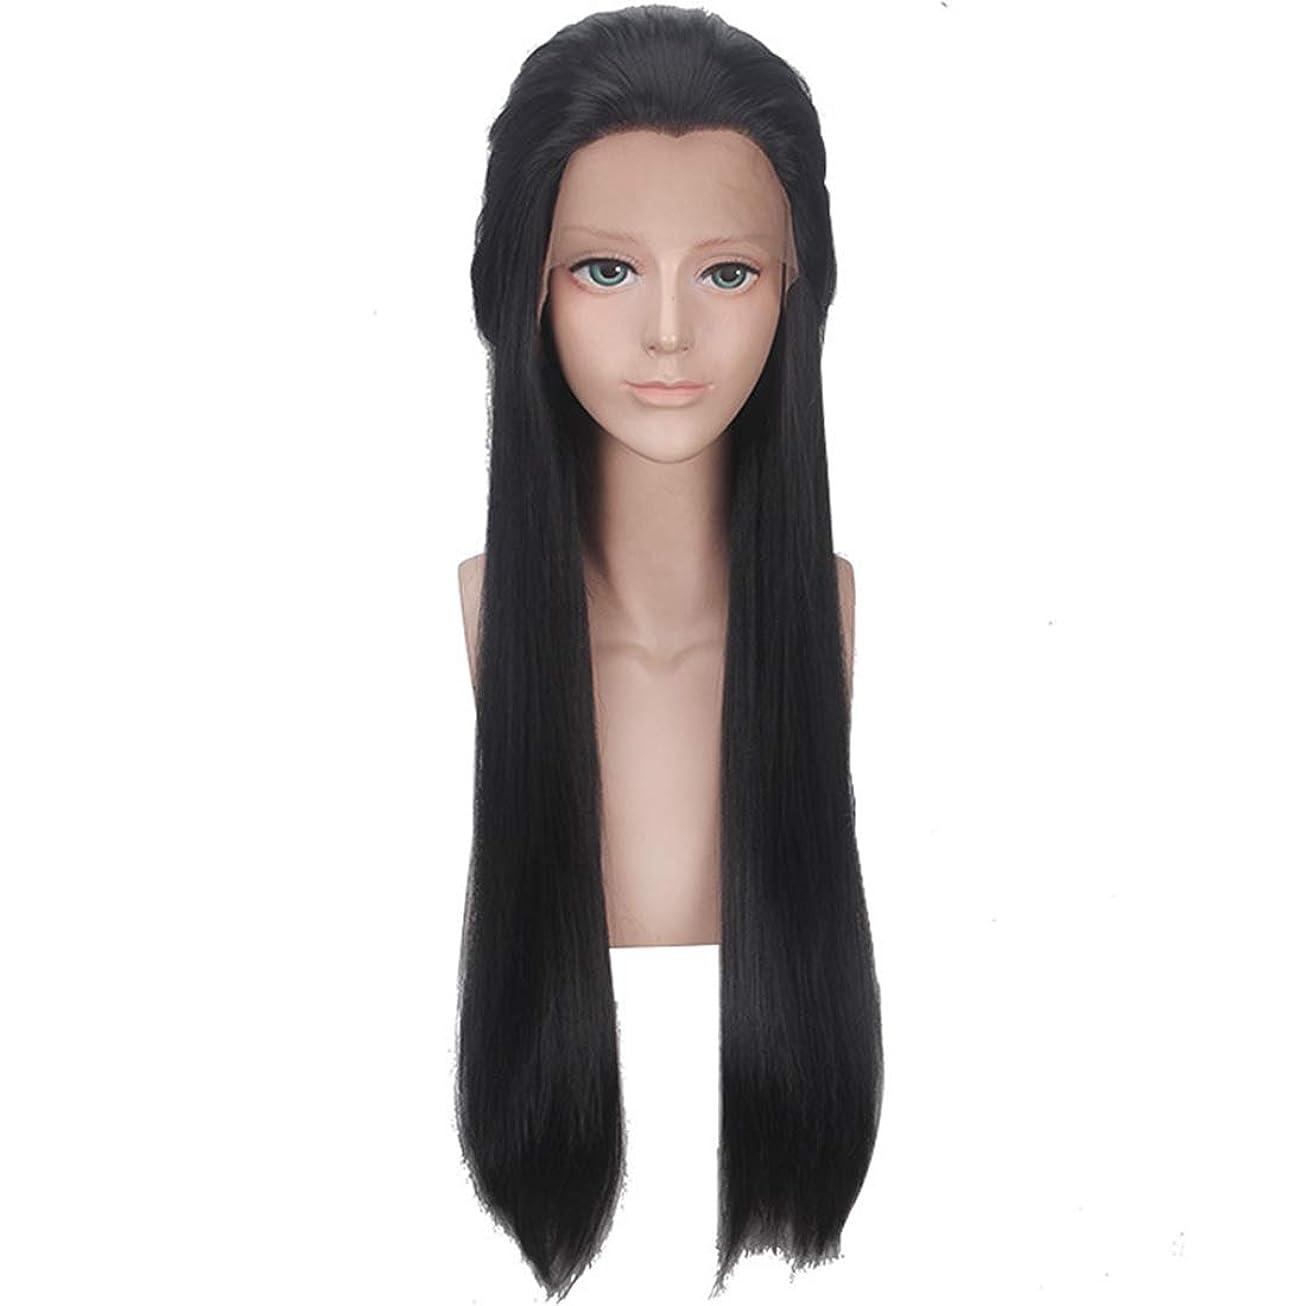 編集する刈る玉ねぎKoloeplf 女性 黒い 美しさは、長い ストレート ヘア 化学繊維 フロントレース ウィッグ ファッション ウィッグを指摘 (Color : ブラック)